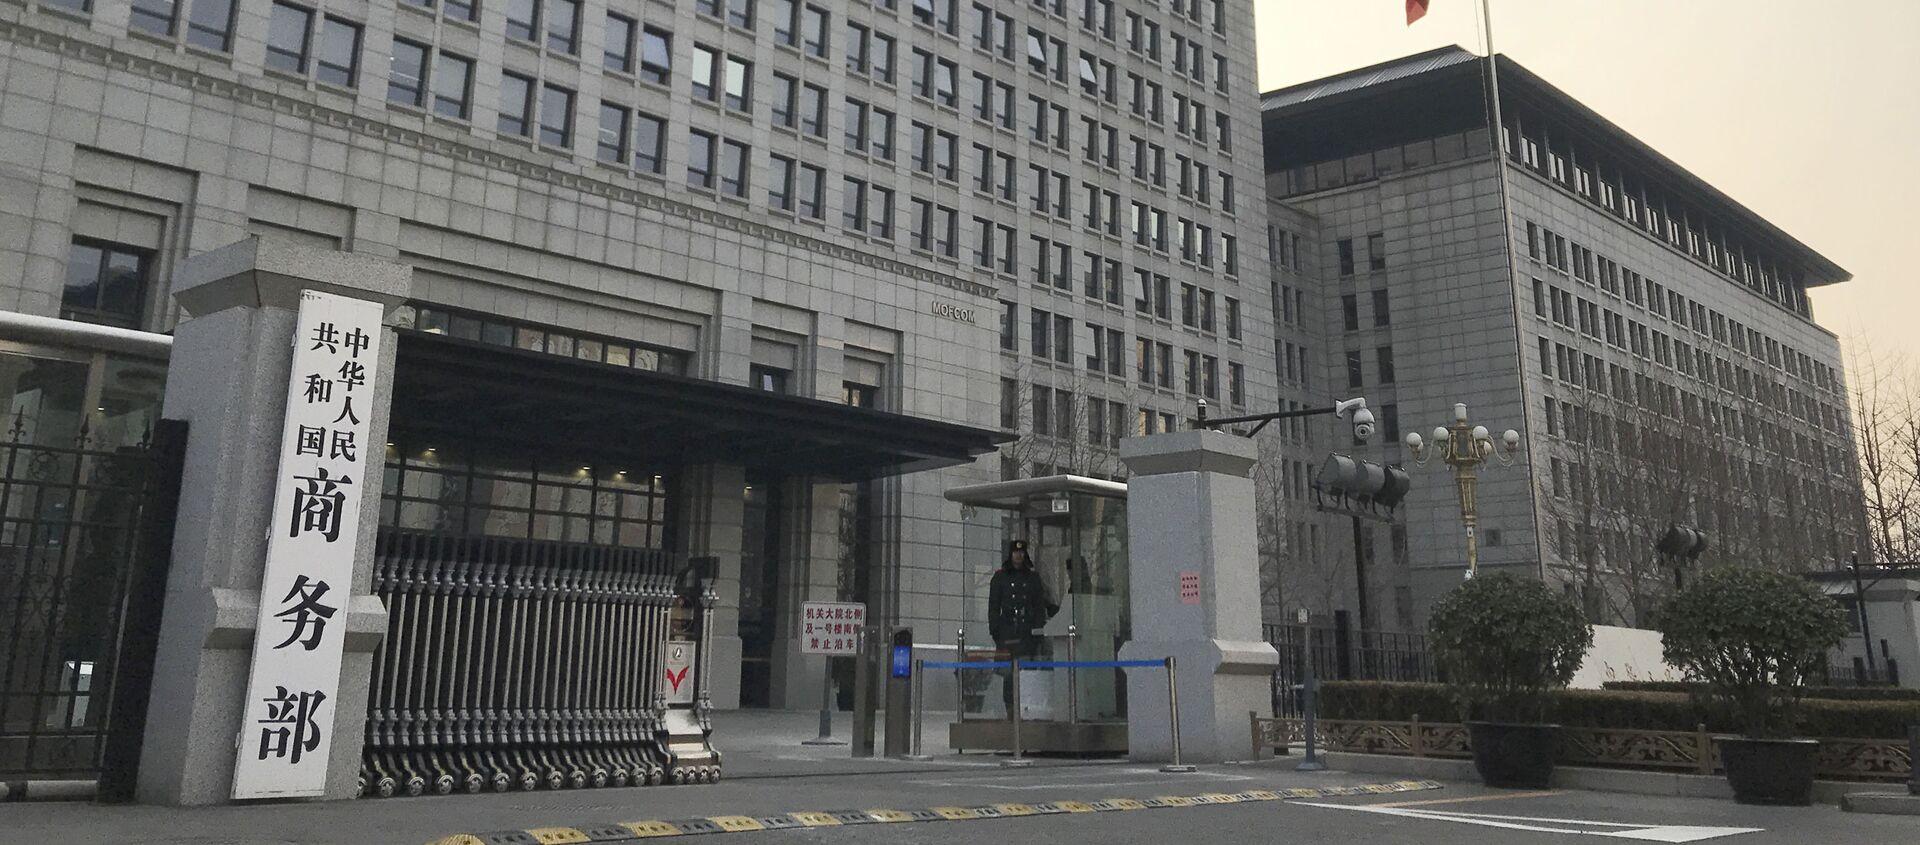 Toà nhà Bộ thương mại ở Bắc Kinh. - Sputnik Việt Nam, 1920, 22.03.2021